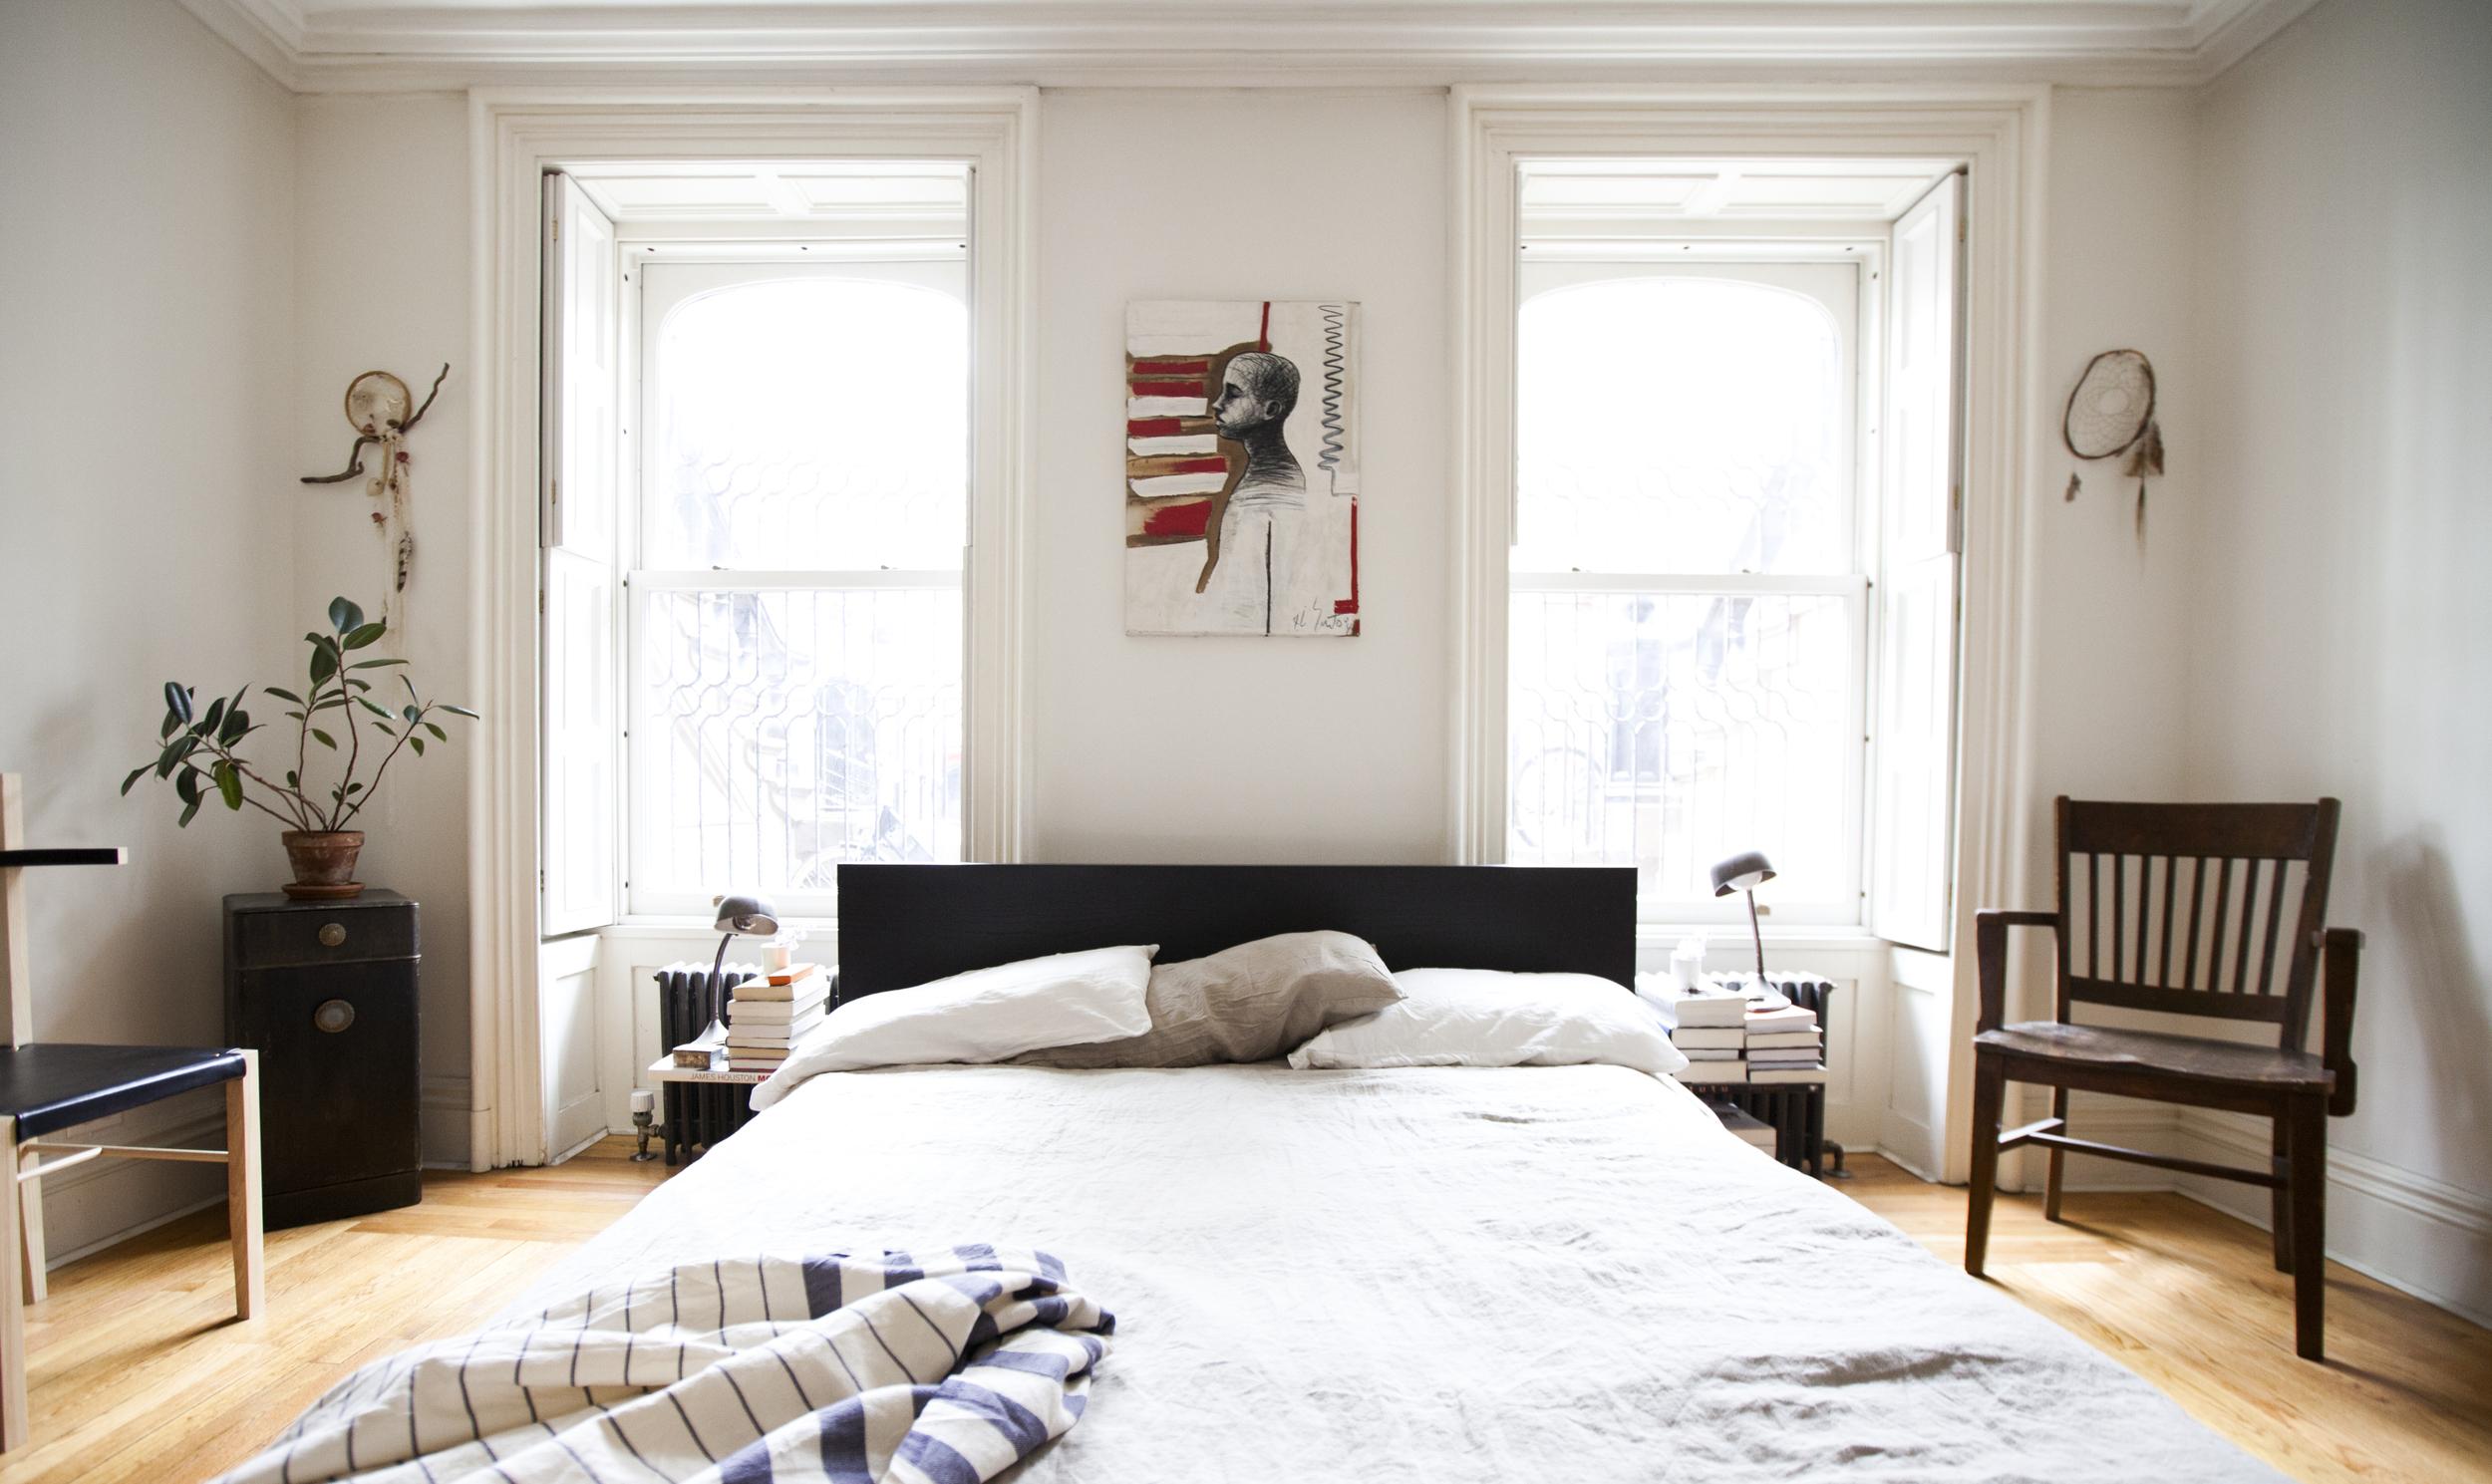 Soren Chair by Coil + Drift, Wall Hangings by Alyssa Eckert